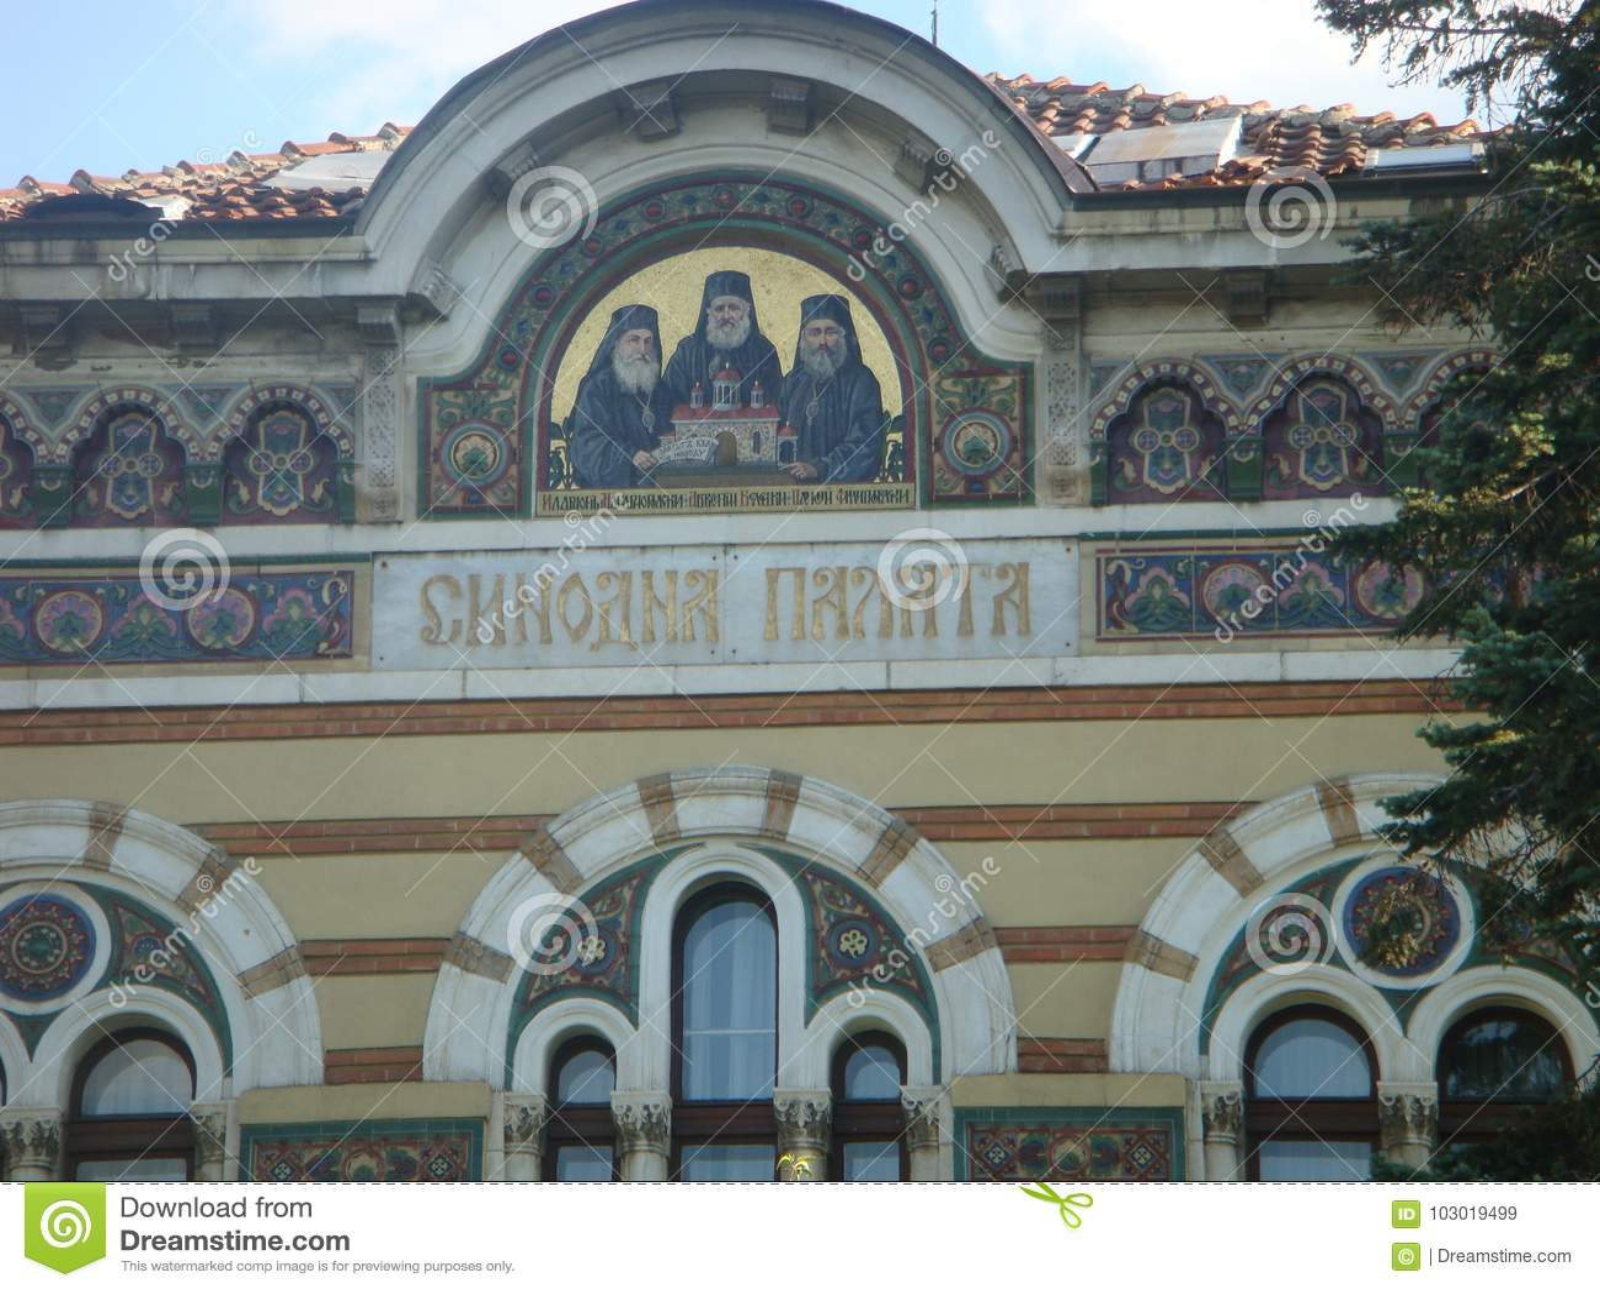 Detail van het uiterste van een antiek gebouw met een schets met mozaïeken van drie orthodoxe priesters Sofia in Bulgarije